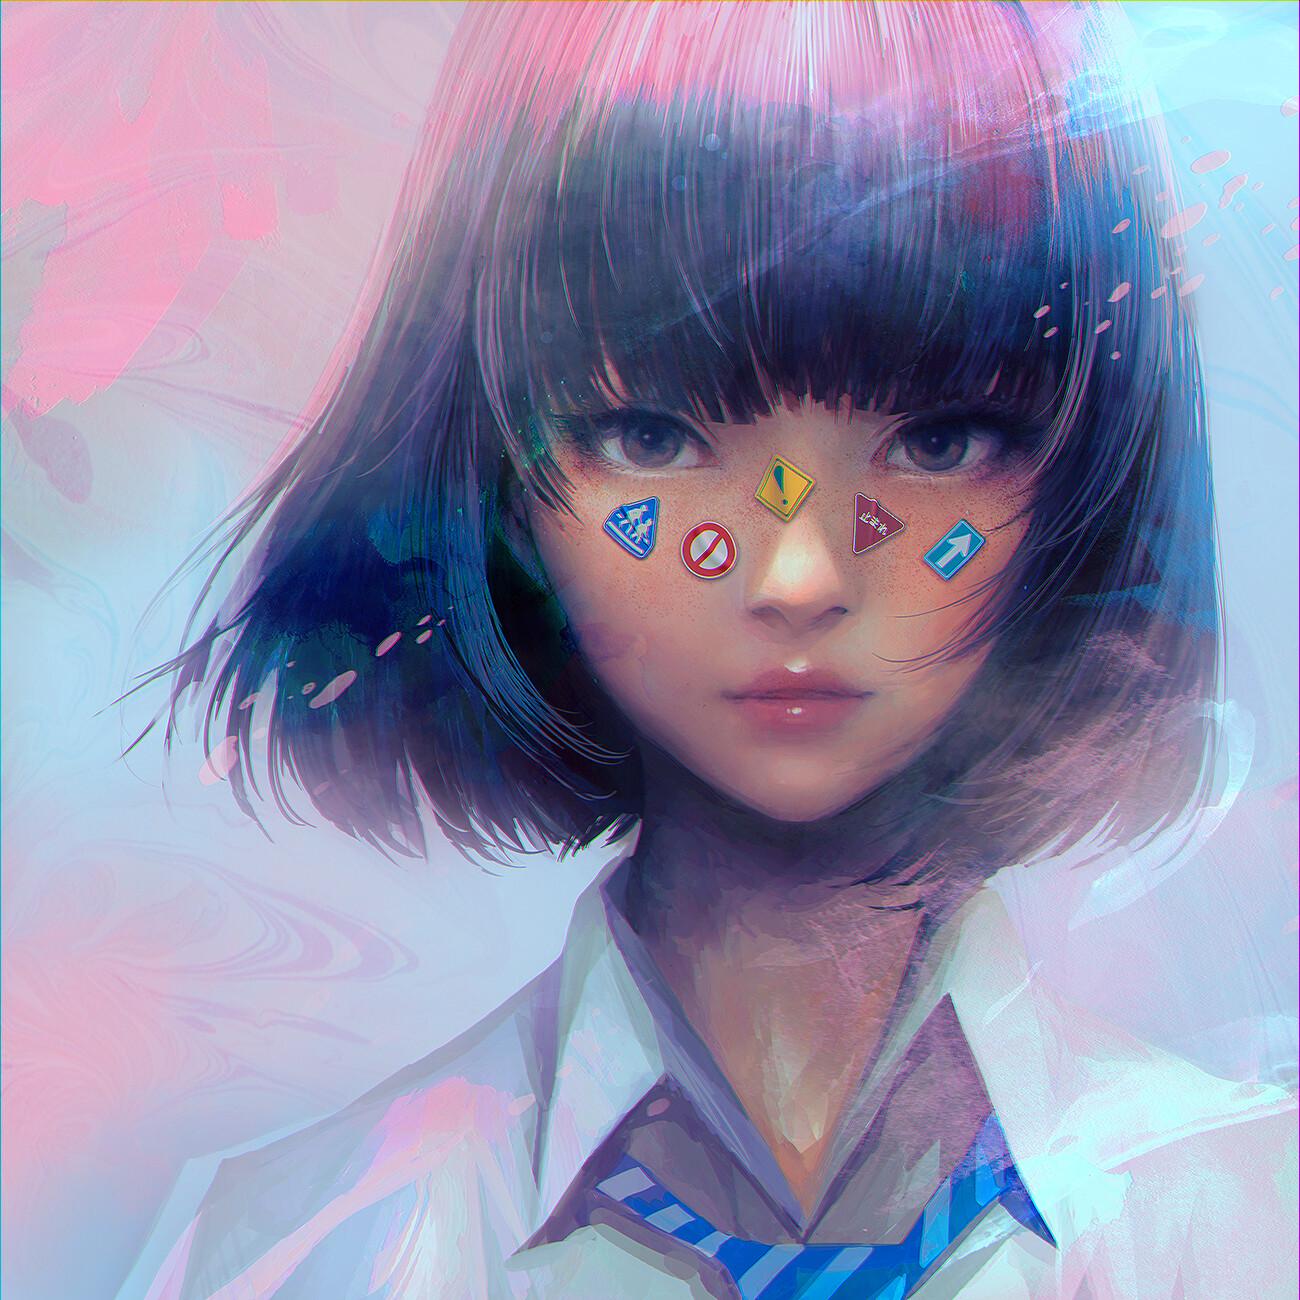 デスクトップ壁紙 ポートレート アジア人 女子高生 アートワーク